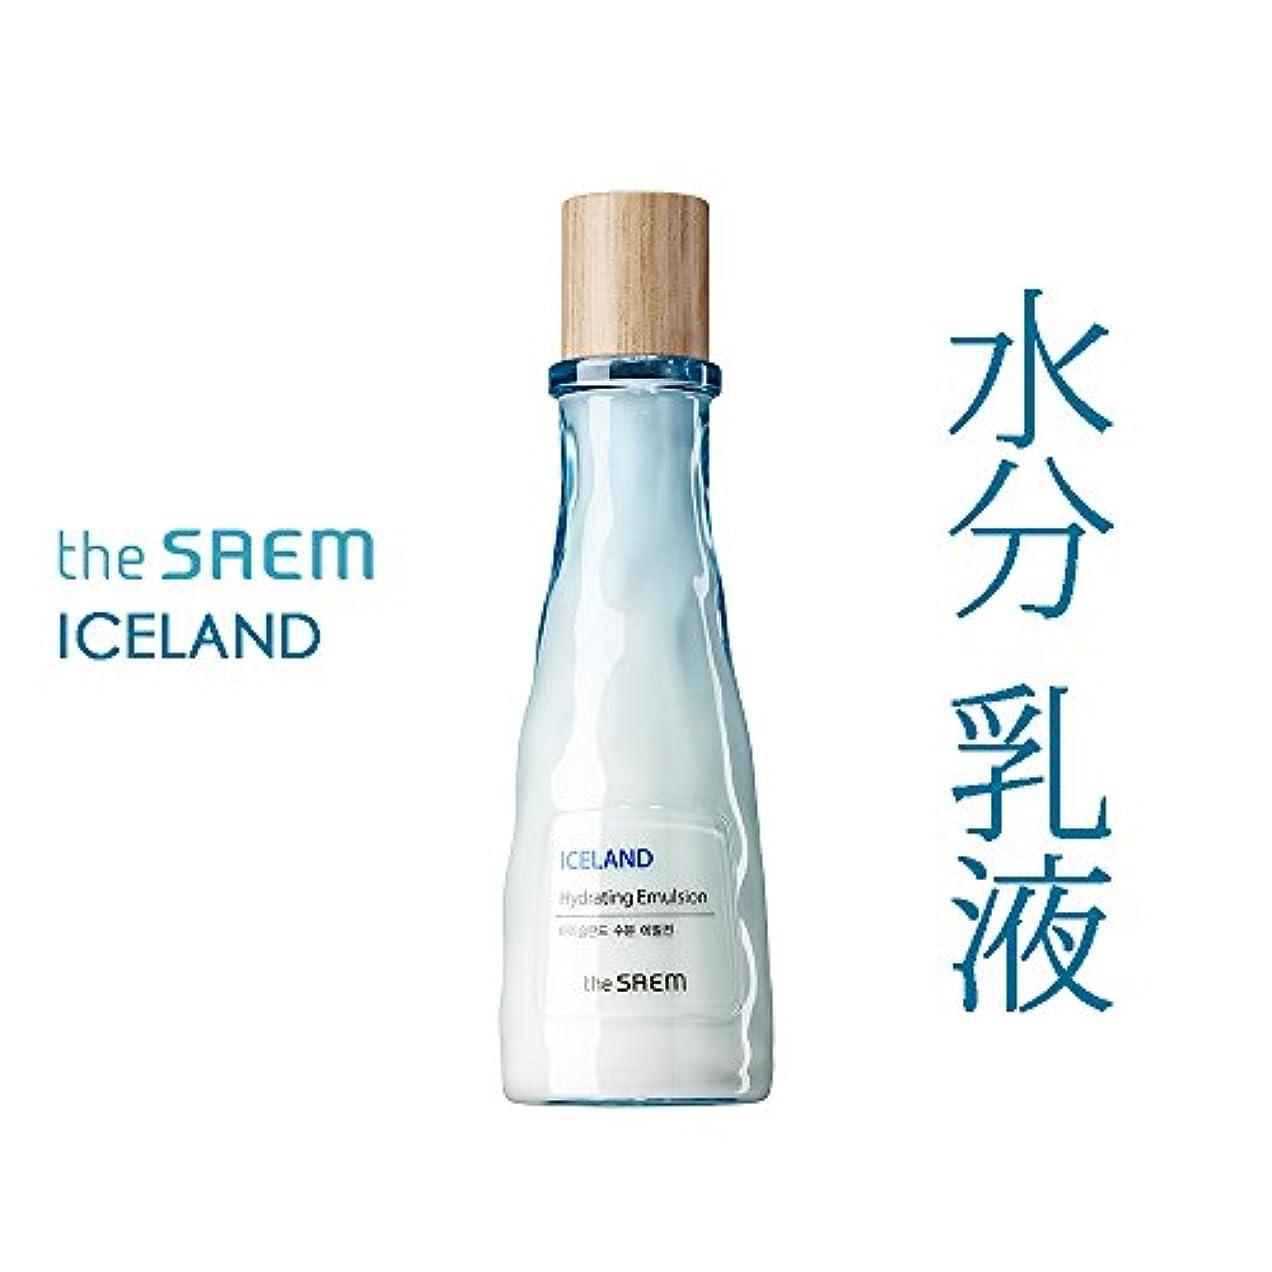 つぼみマーキング枢機卿ザ セム The saem アイスランド 水分 乳液 The Saem Iceland Hydrating E mulsion 140ml